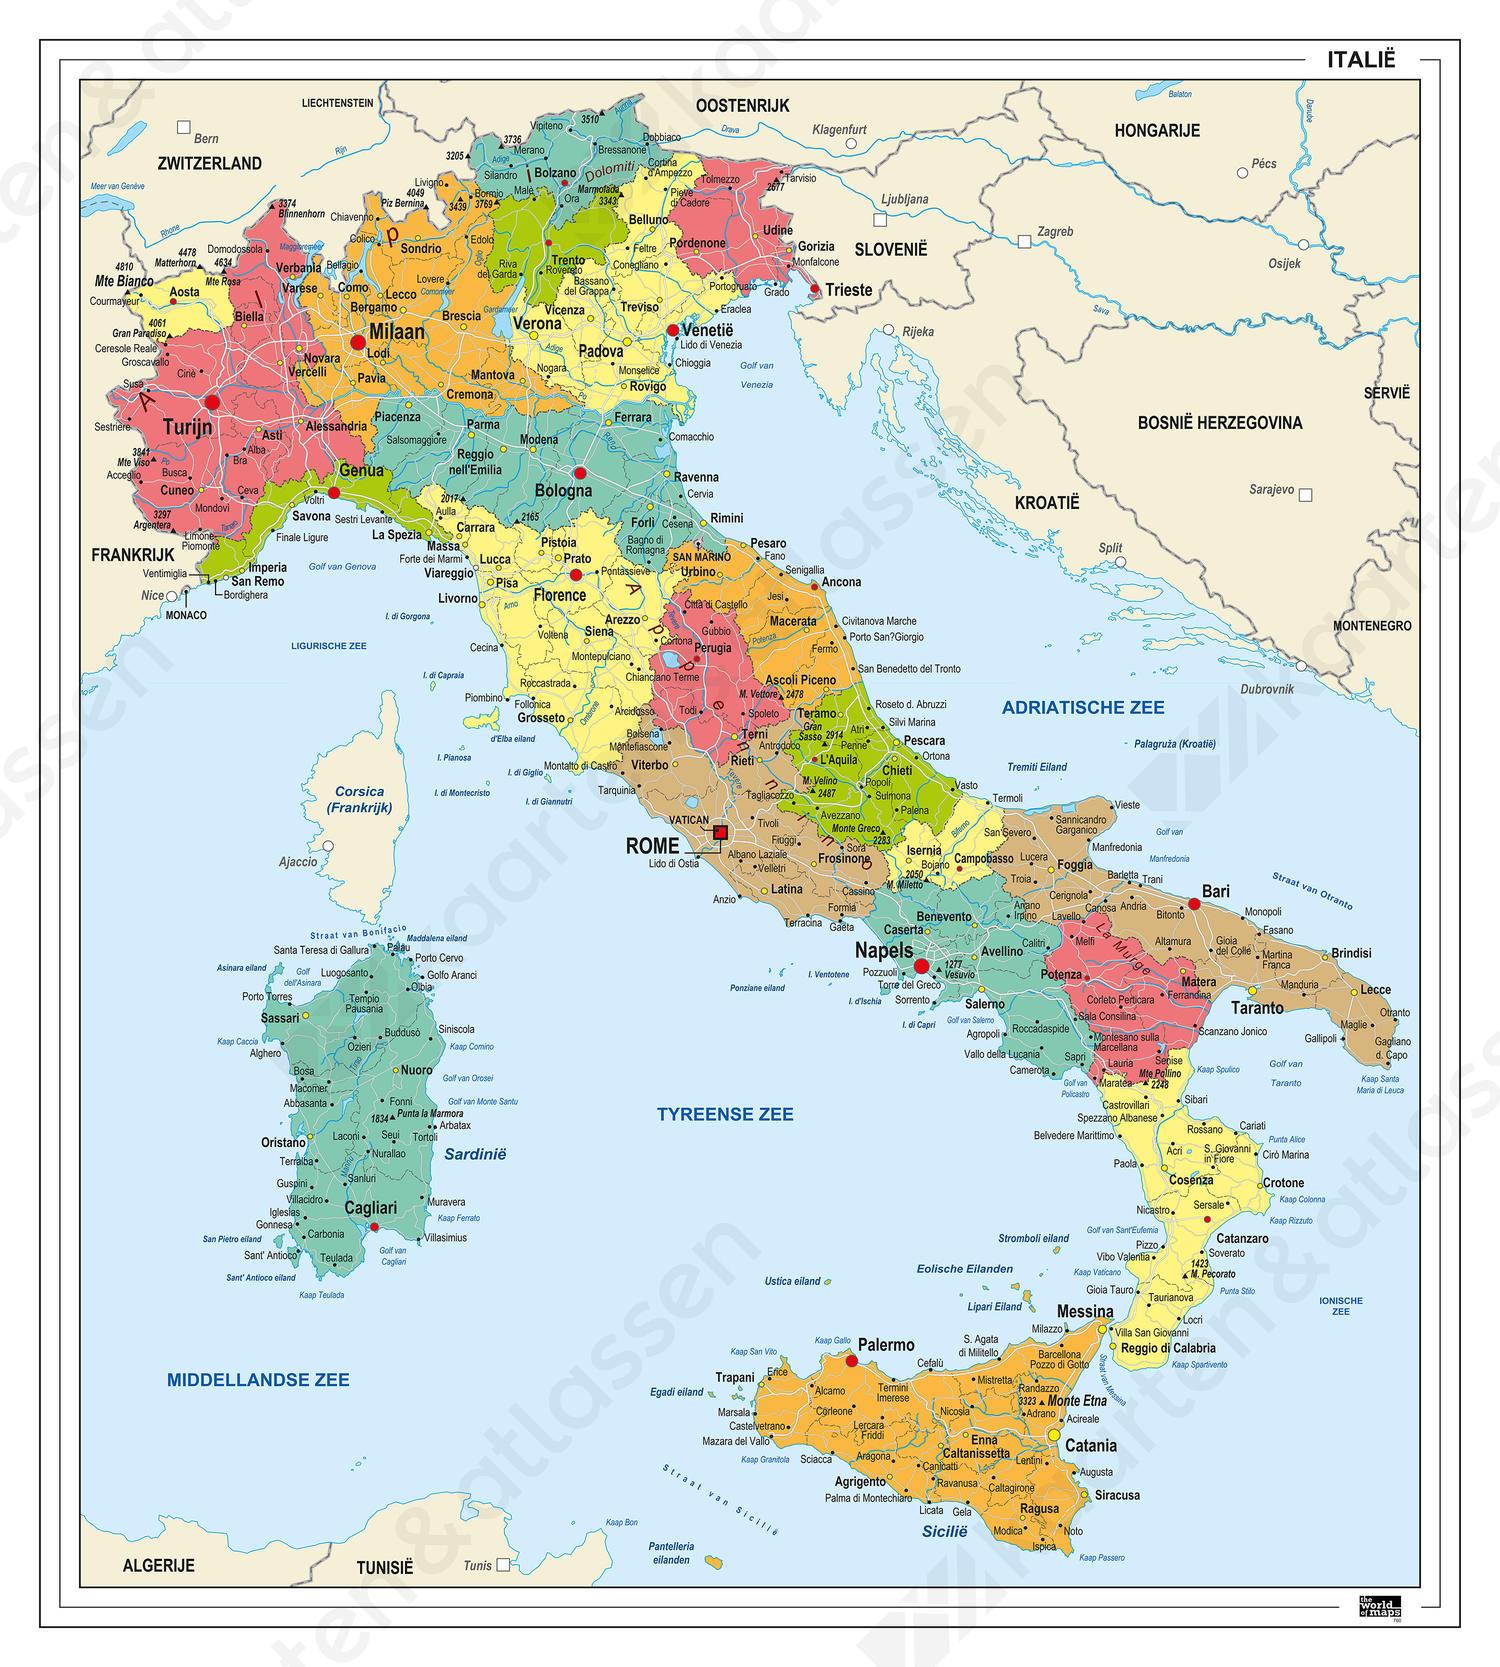 kaart italie noord Italië Kaart Staatkundig 760 | Kaarten en Atlassen.nl